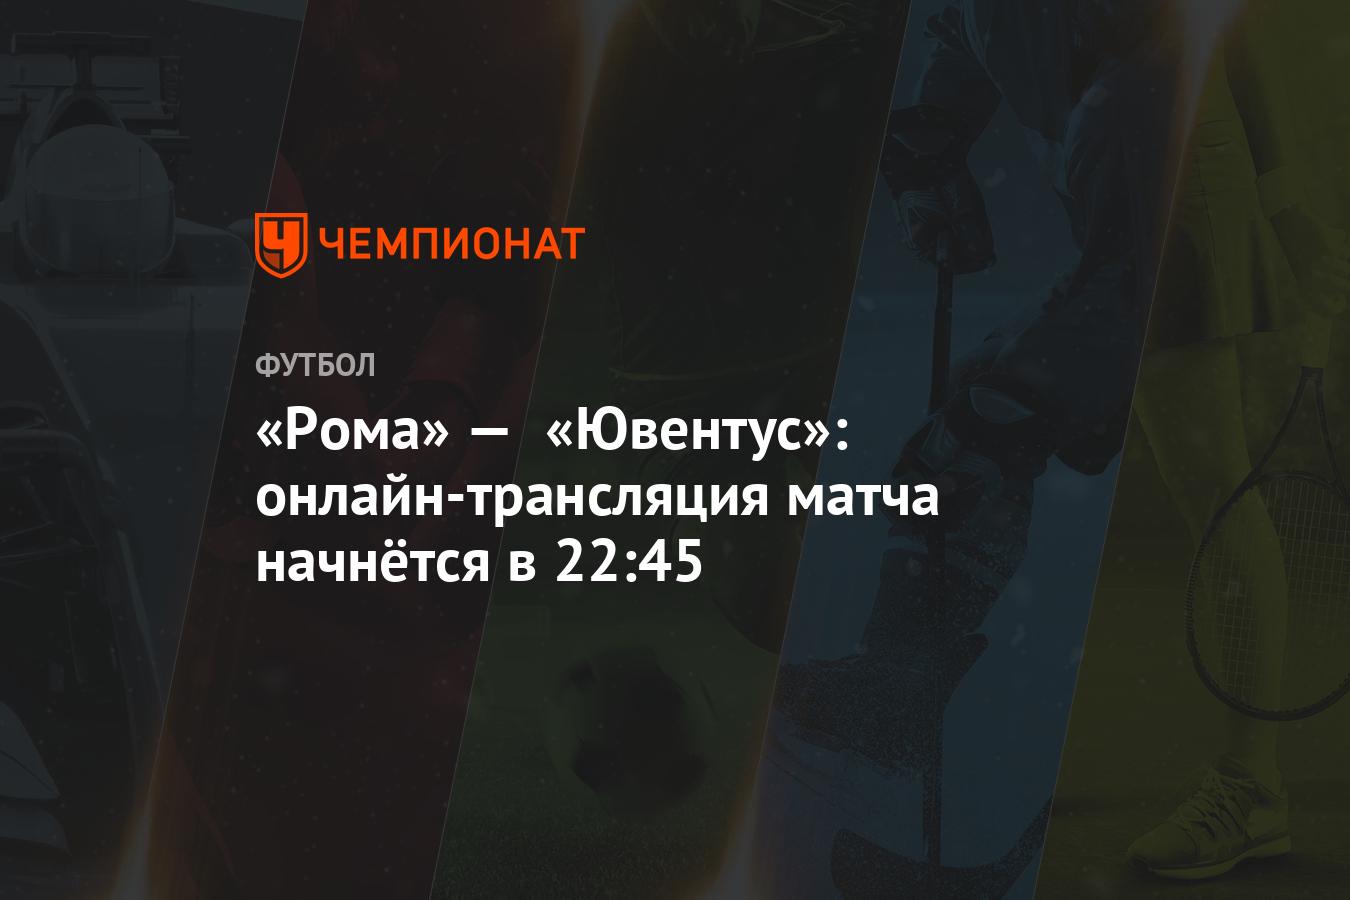 Он- лайн транслЯциЯ матча зенита с ювентусом